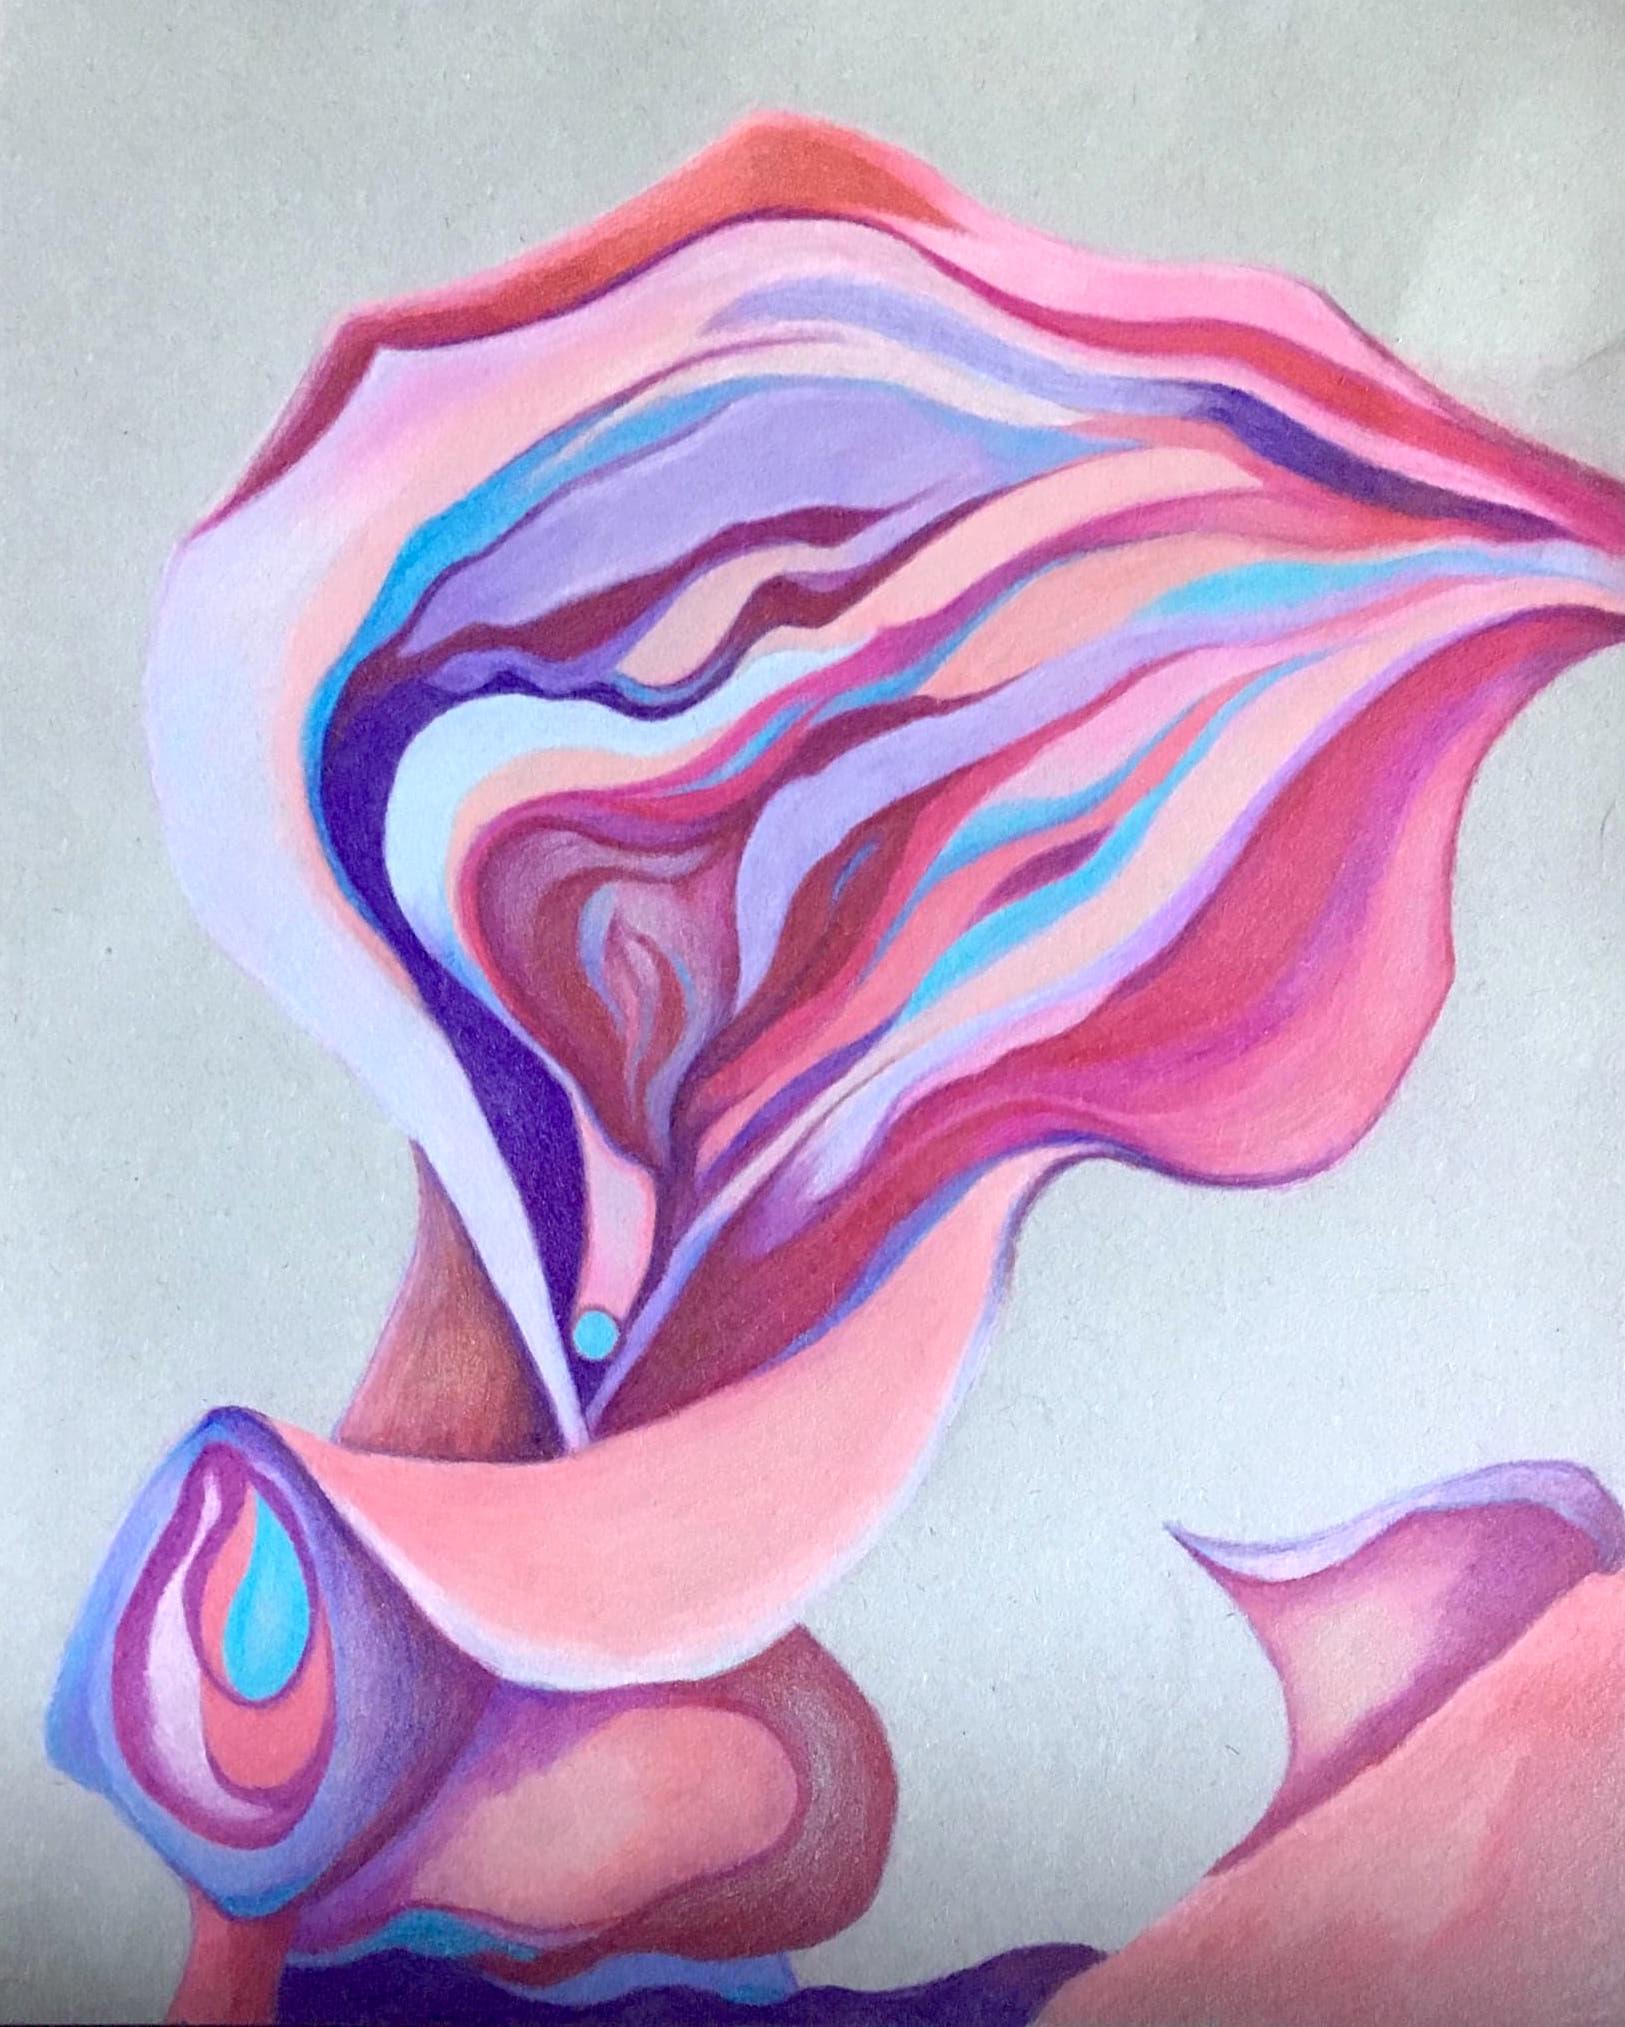 Heather M. Johnson, Calla #2, 2019, Colored pencil on paper, 12 x 9 inches (30.5 x 23 cm), $175 .jpg